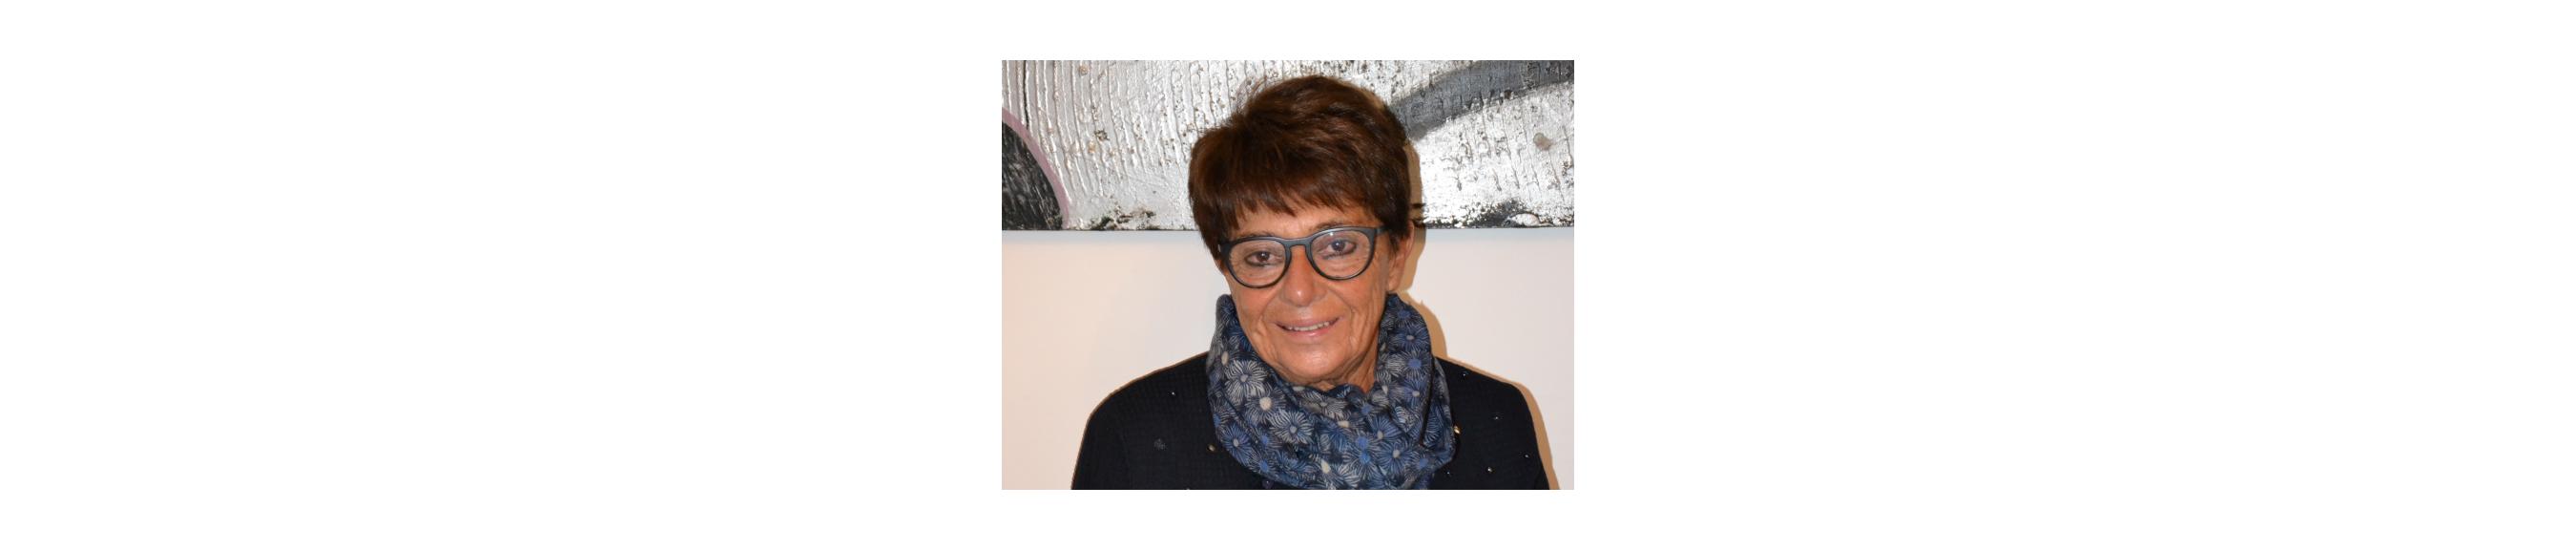 """Conosciamo la giunta regionale: Luisella Braghero. """"Il valore di stare insieme""""."""